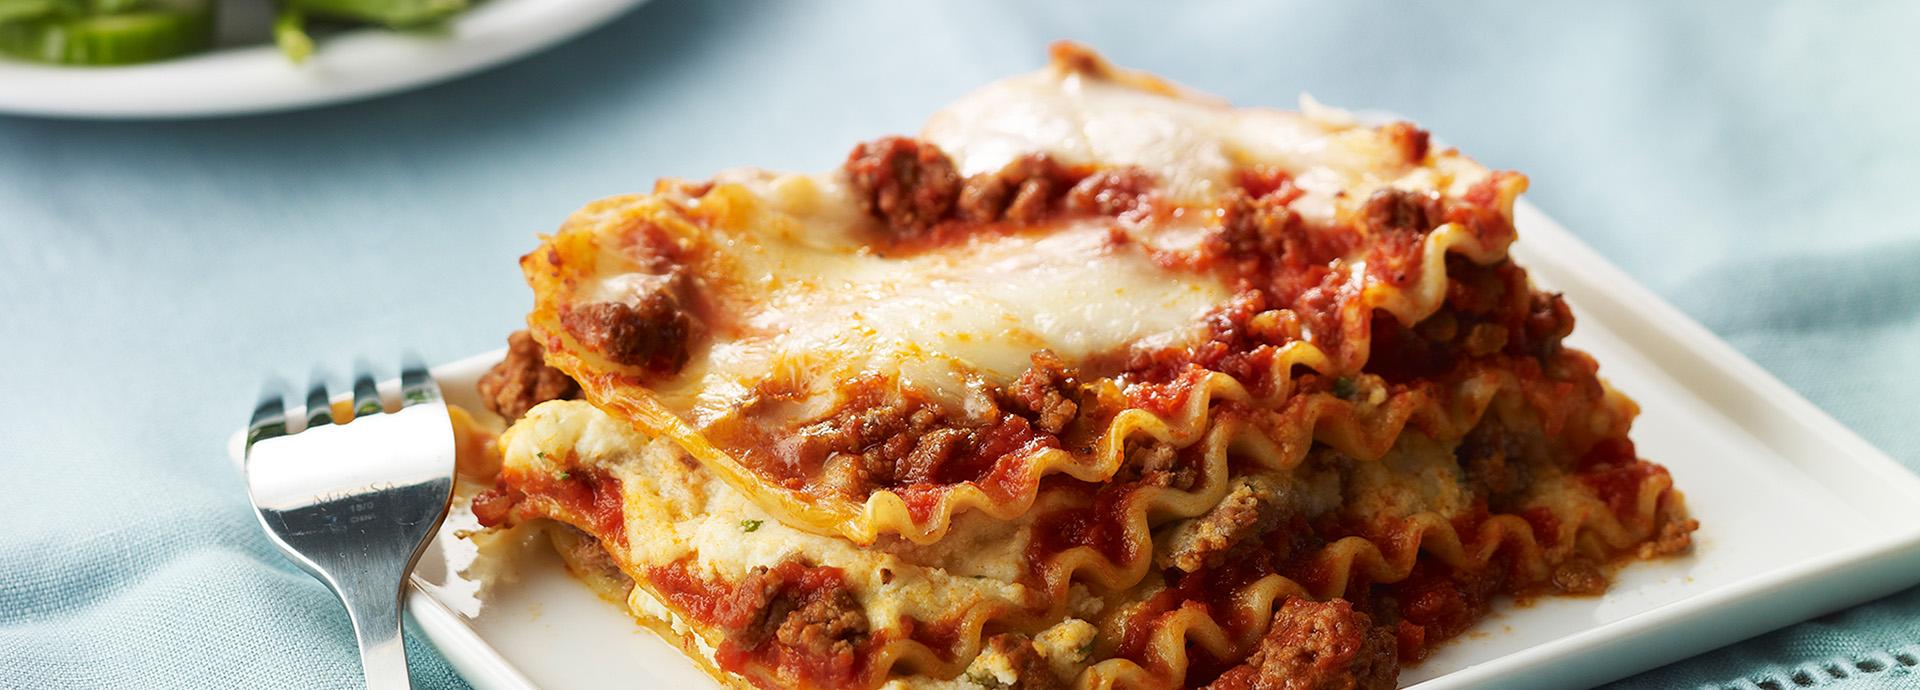 Creamette 174 Easy Lasagna